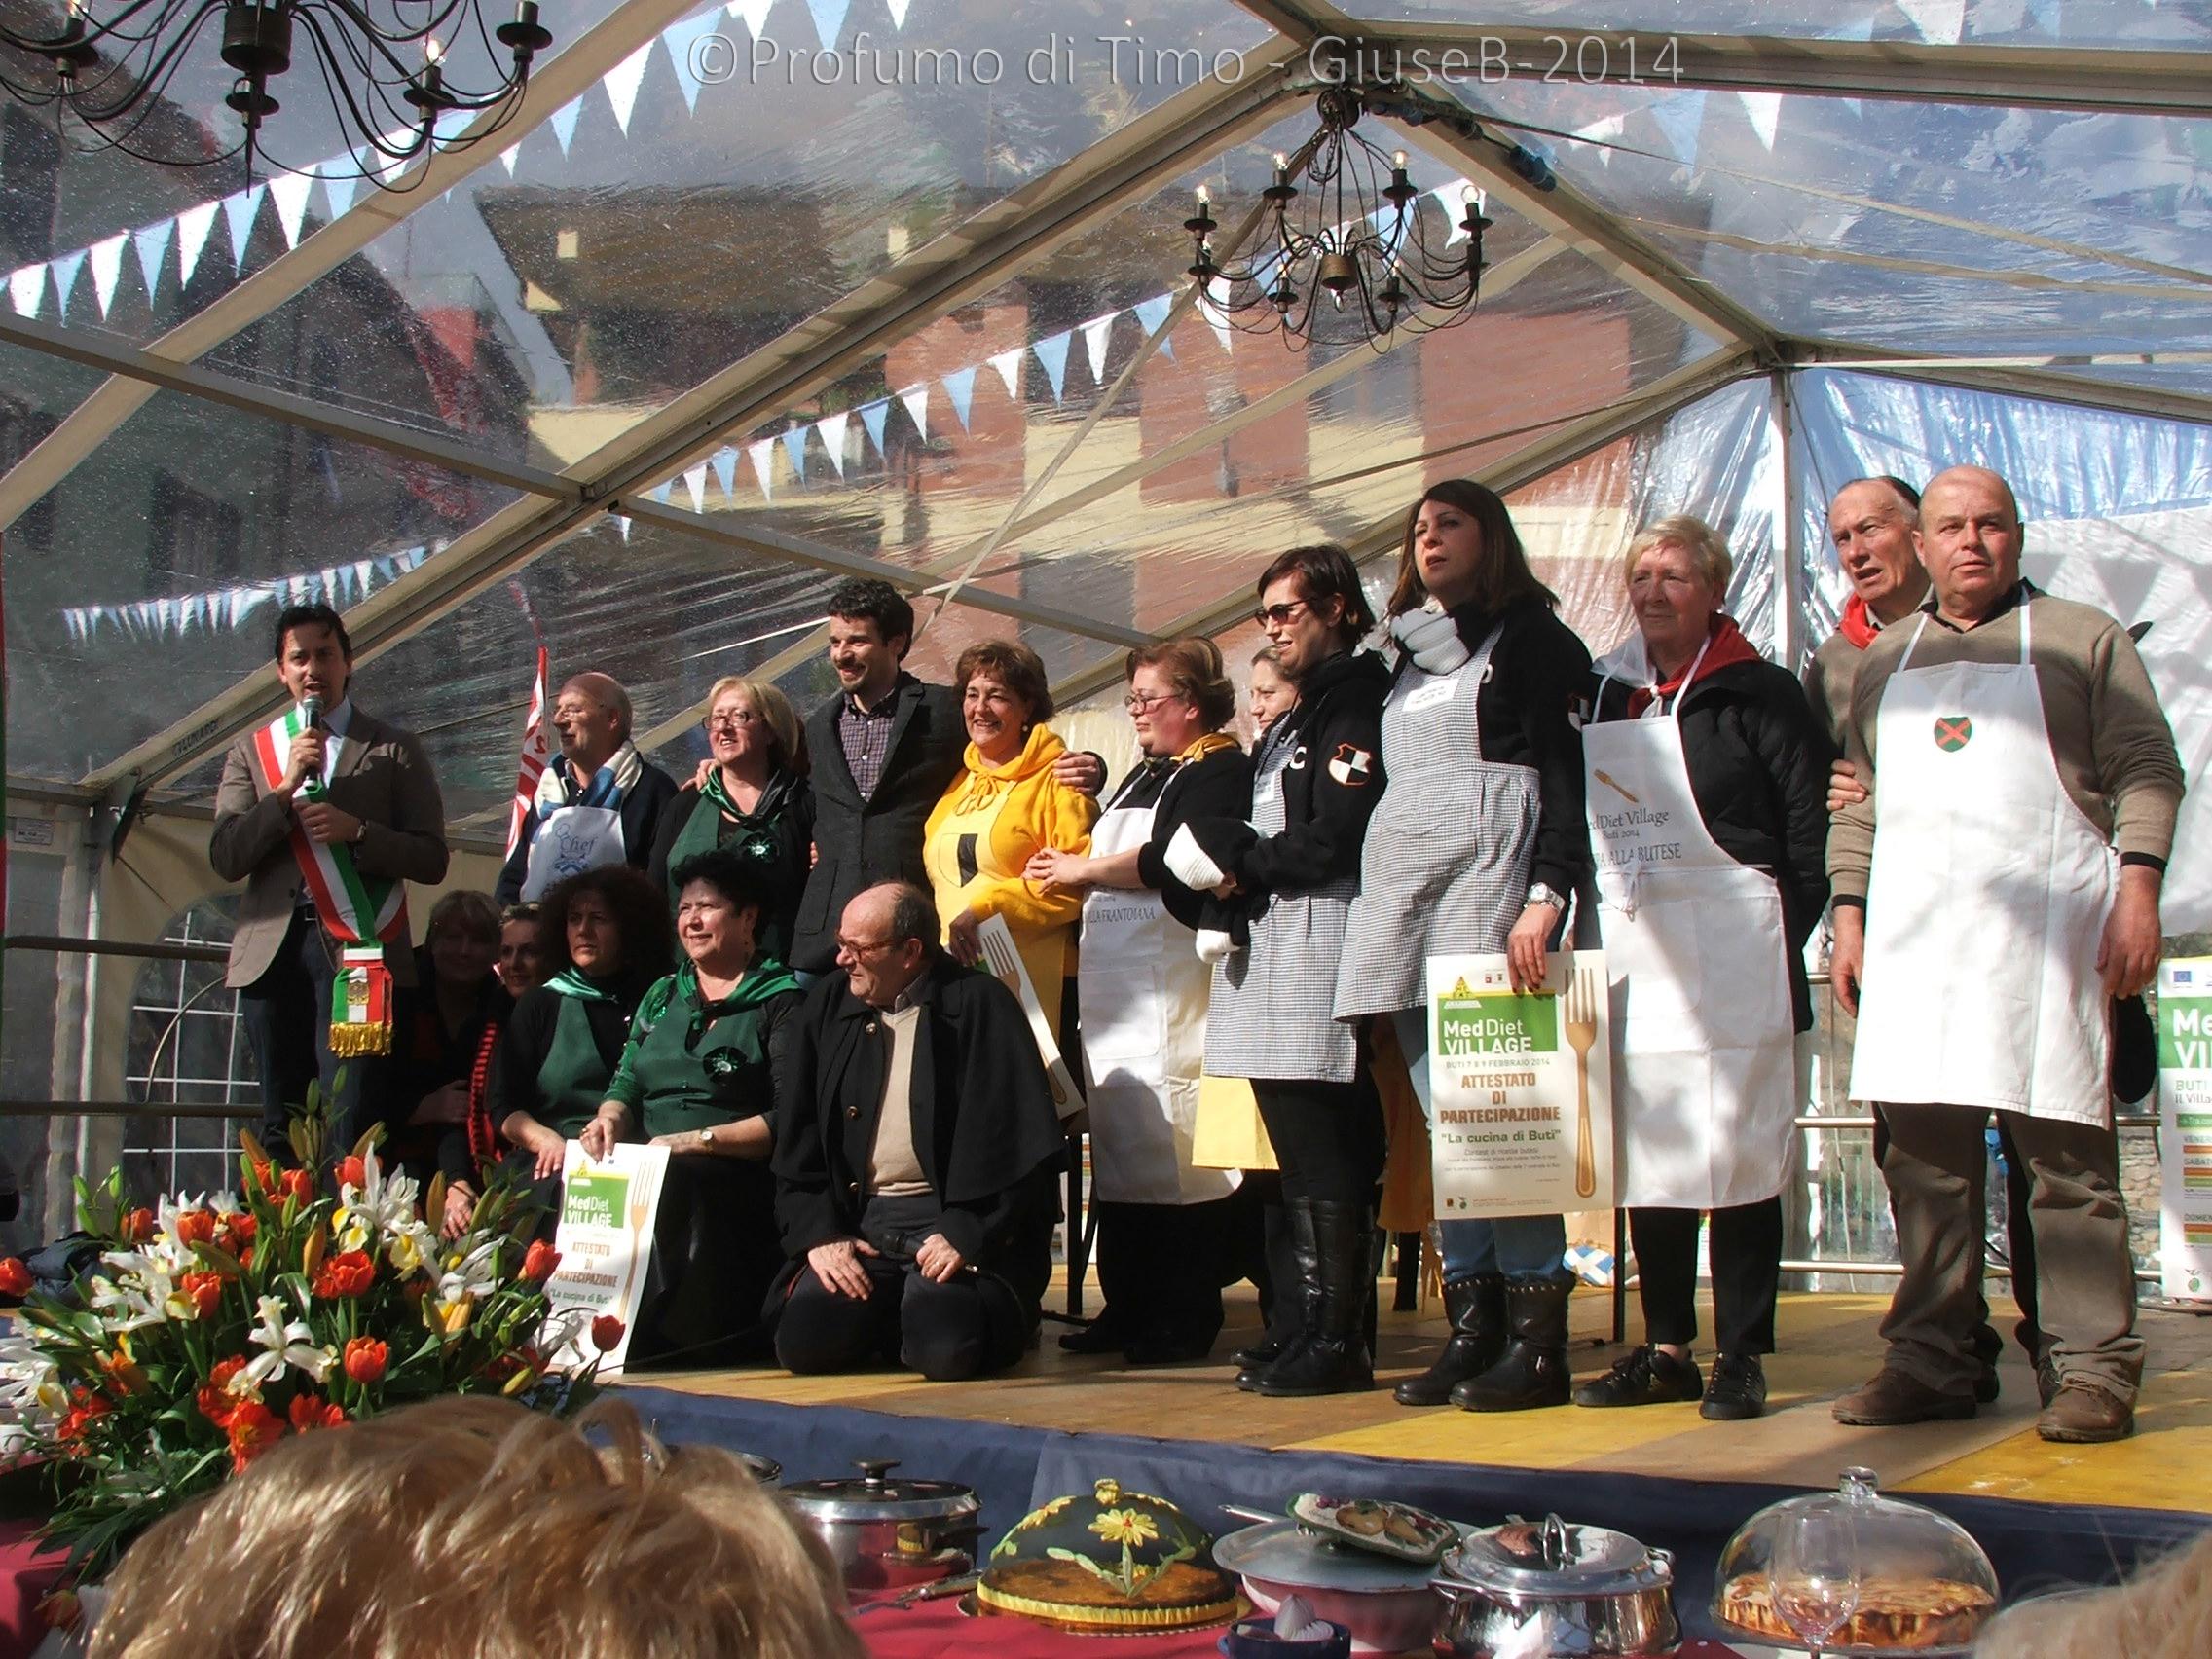 Foto ricordo delle del contest la Cucina di Buti per MeddietVillage 9 febbraio 2014 (70)